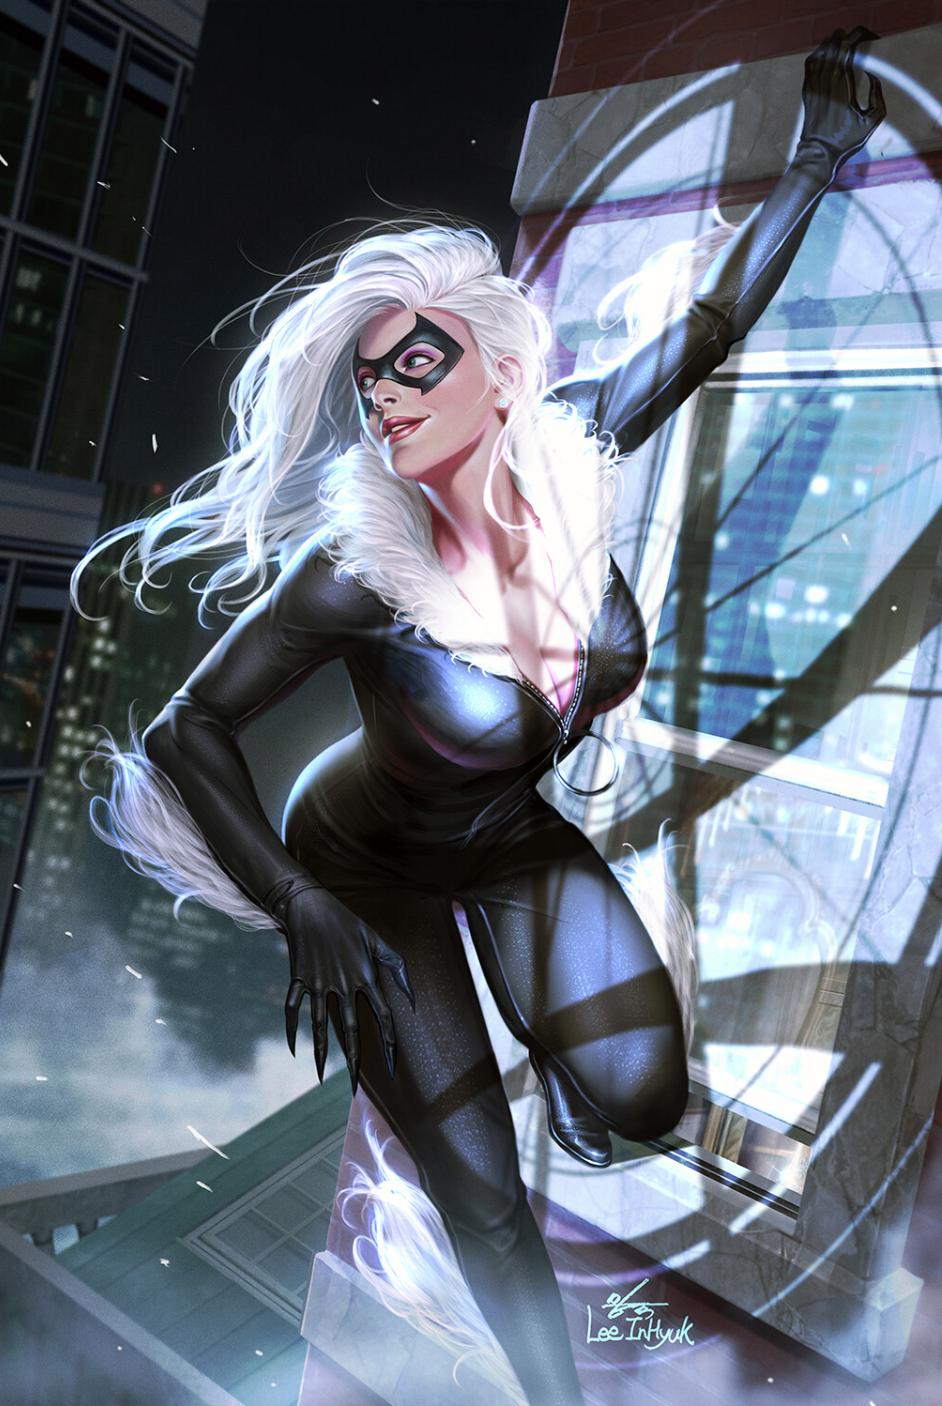 Black Cat Screenshots Images And Pictures Comic Vine Black Cat Marvel Spiderman Black Cat Black Cat Comics